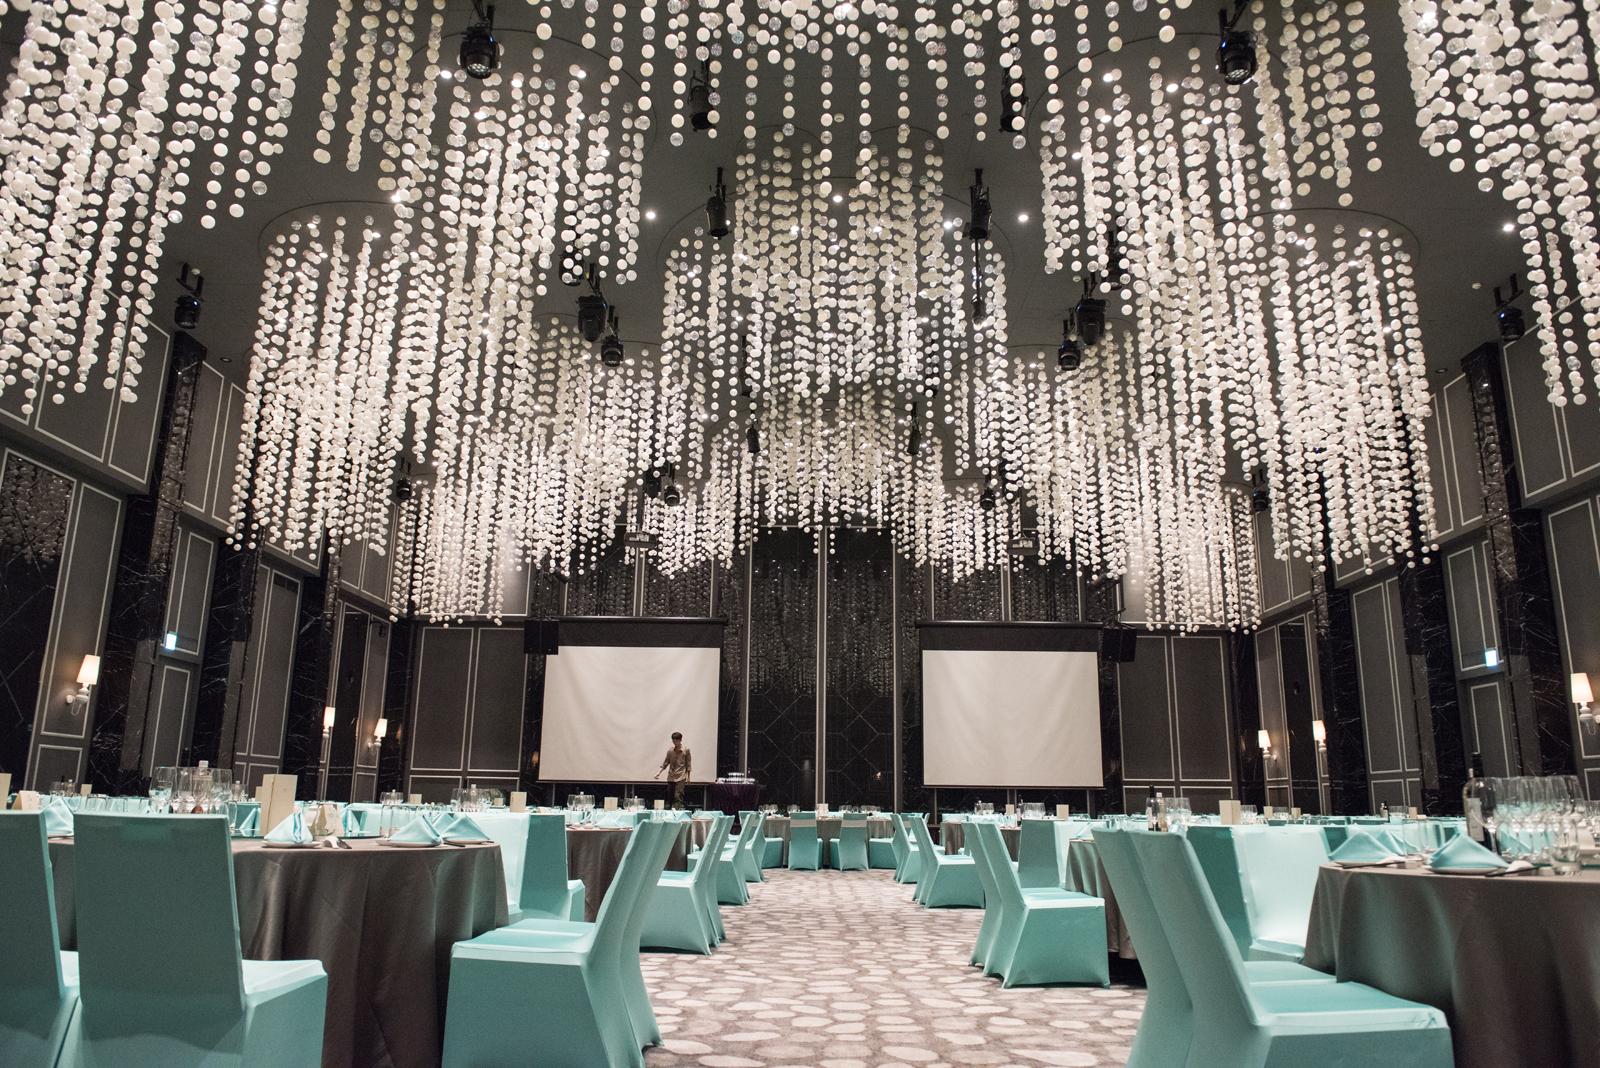 晶綺盛宴珍珠廳